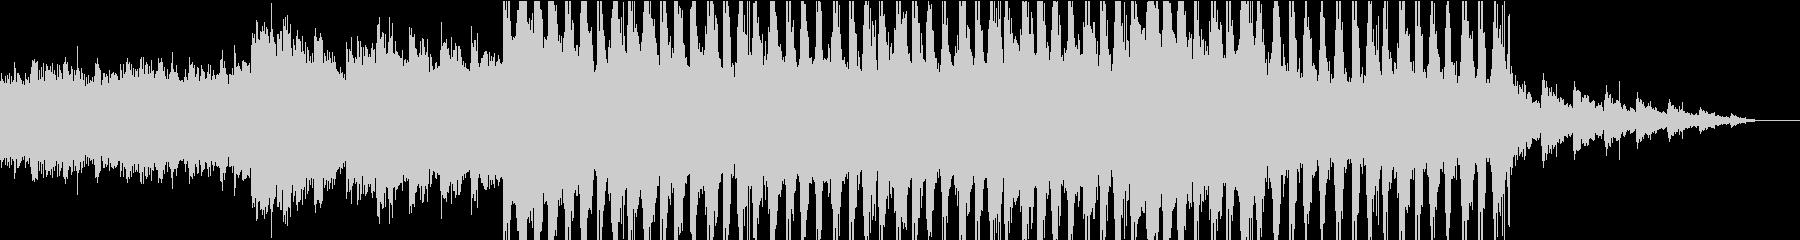 神秘的で怪しげなアンビエントの未再生の波形